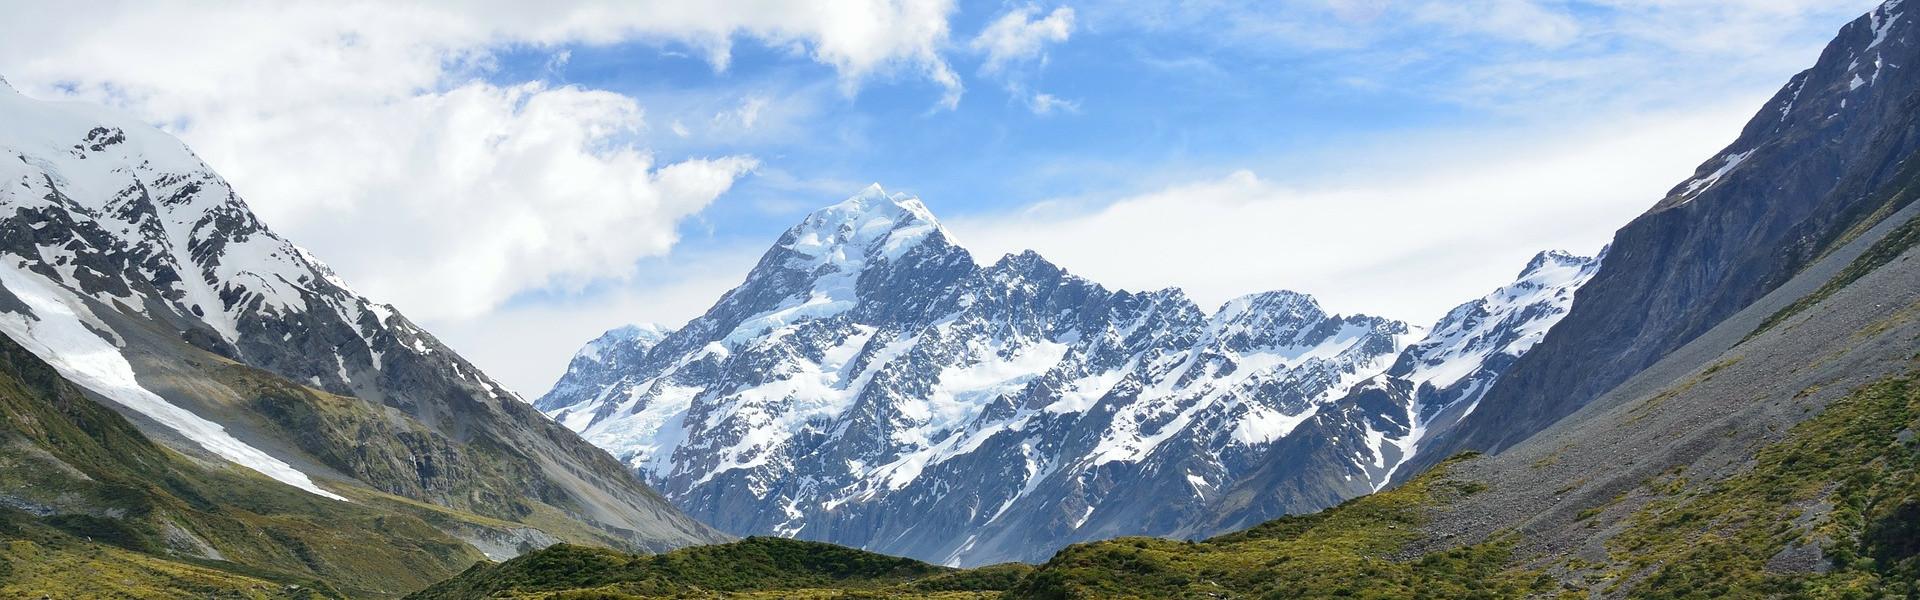 Destination image of Nouvelle Zélande